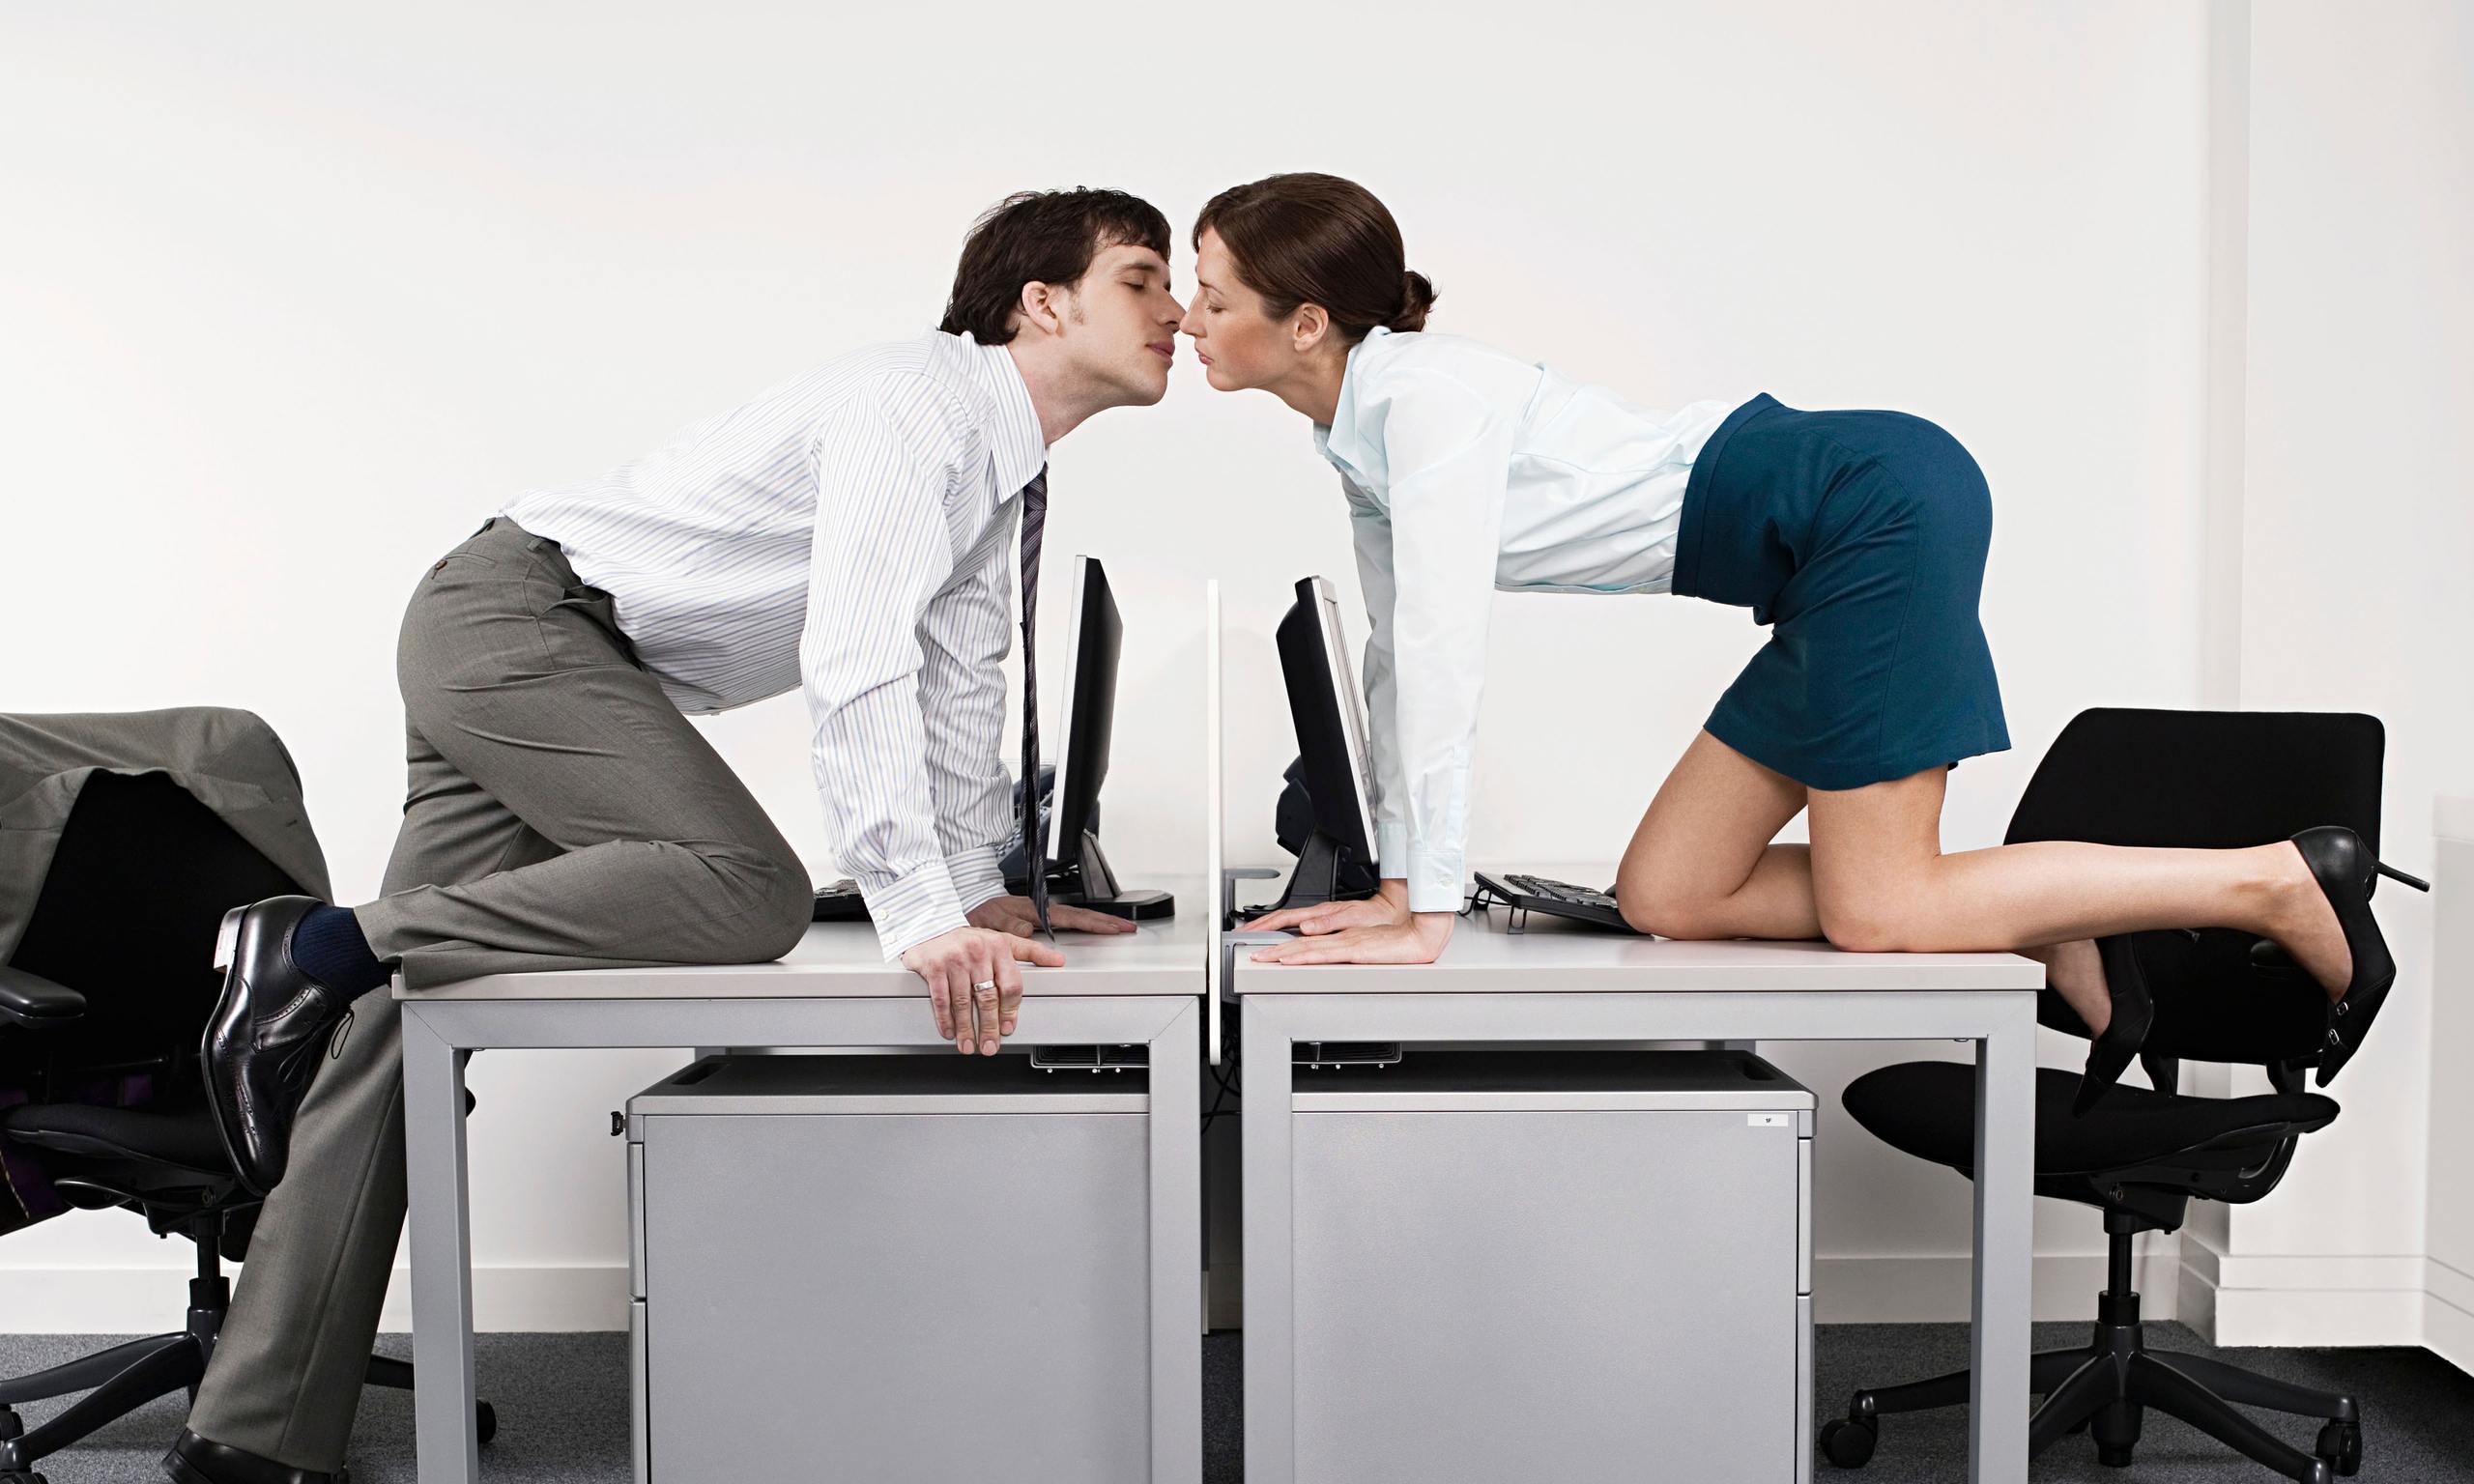 Карьера и любовь – хватит прятаться